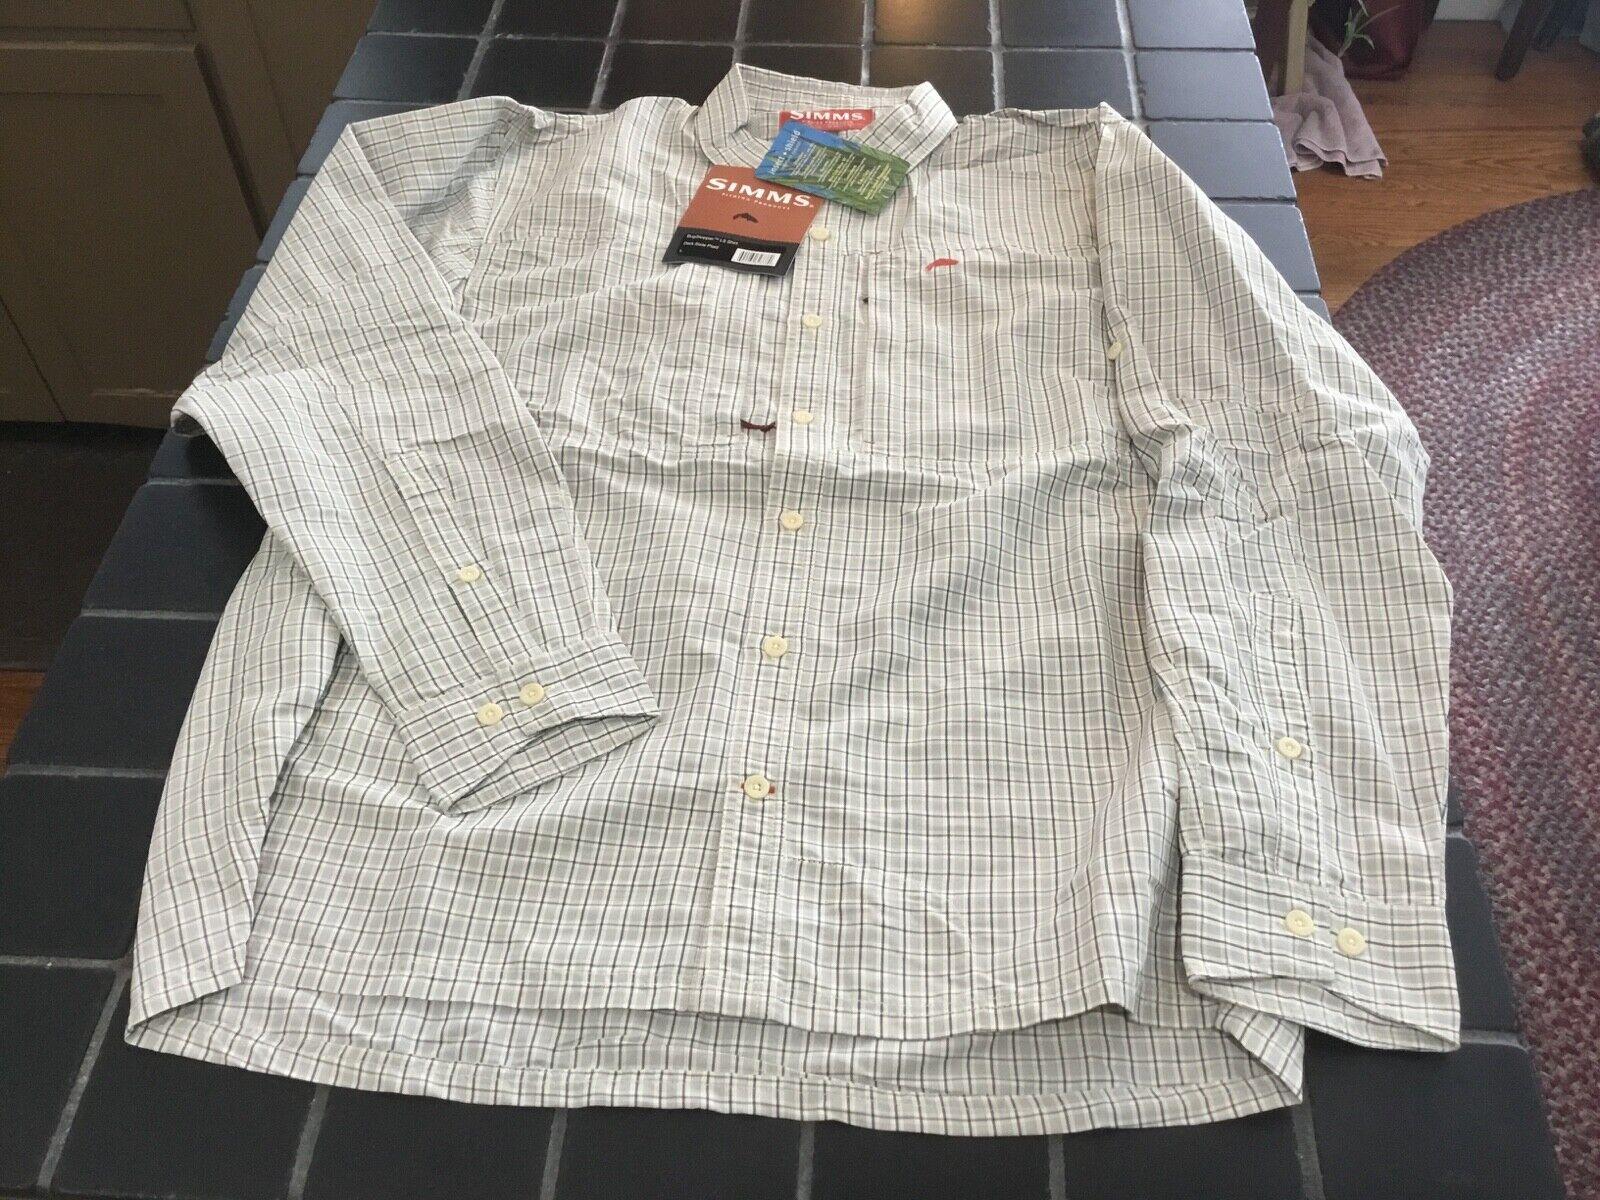 NWT Simms Fishing bugsstopper camisa de manga larga, Código L, camisa antiinsectos de pizarra oscura